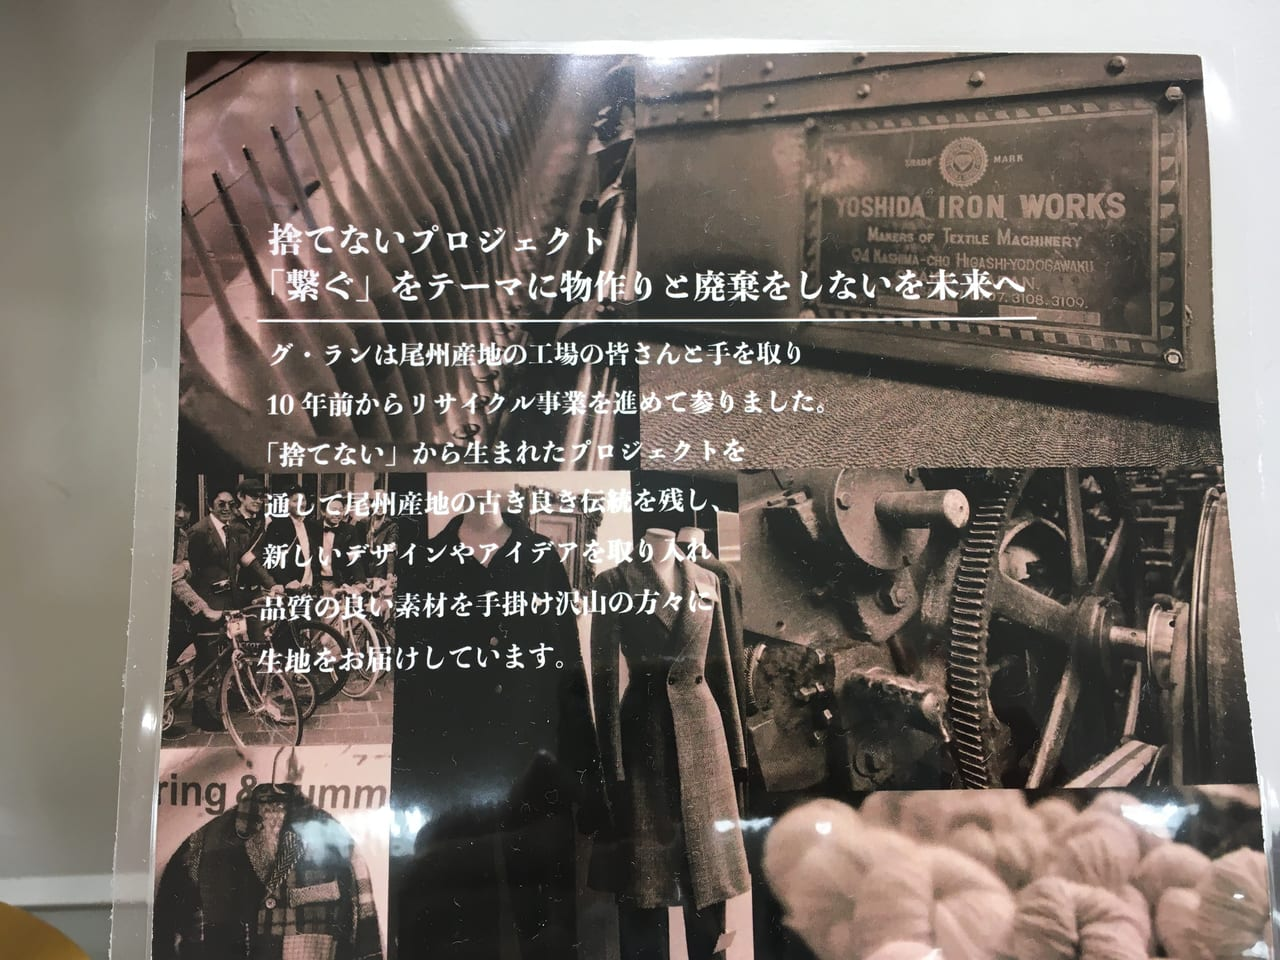 名鉄百貨店一宮店4階 shinsei シンセイ111の商品 看板